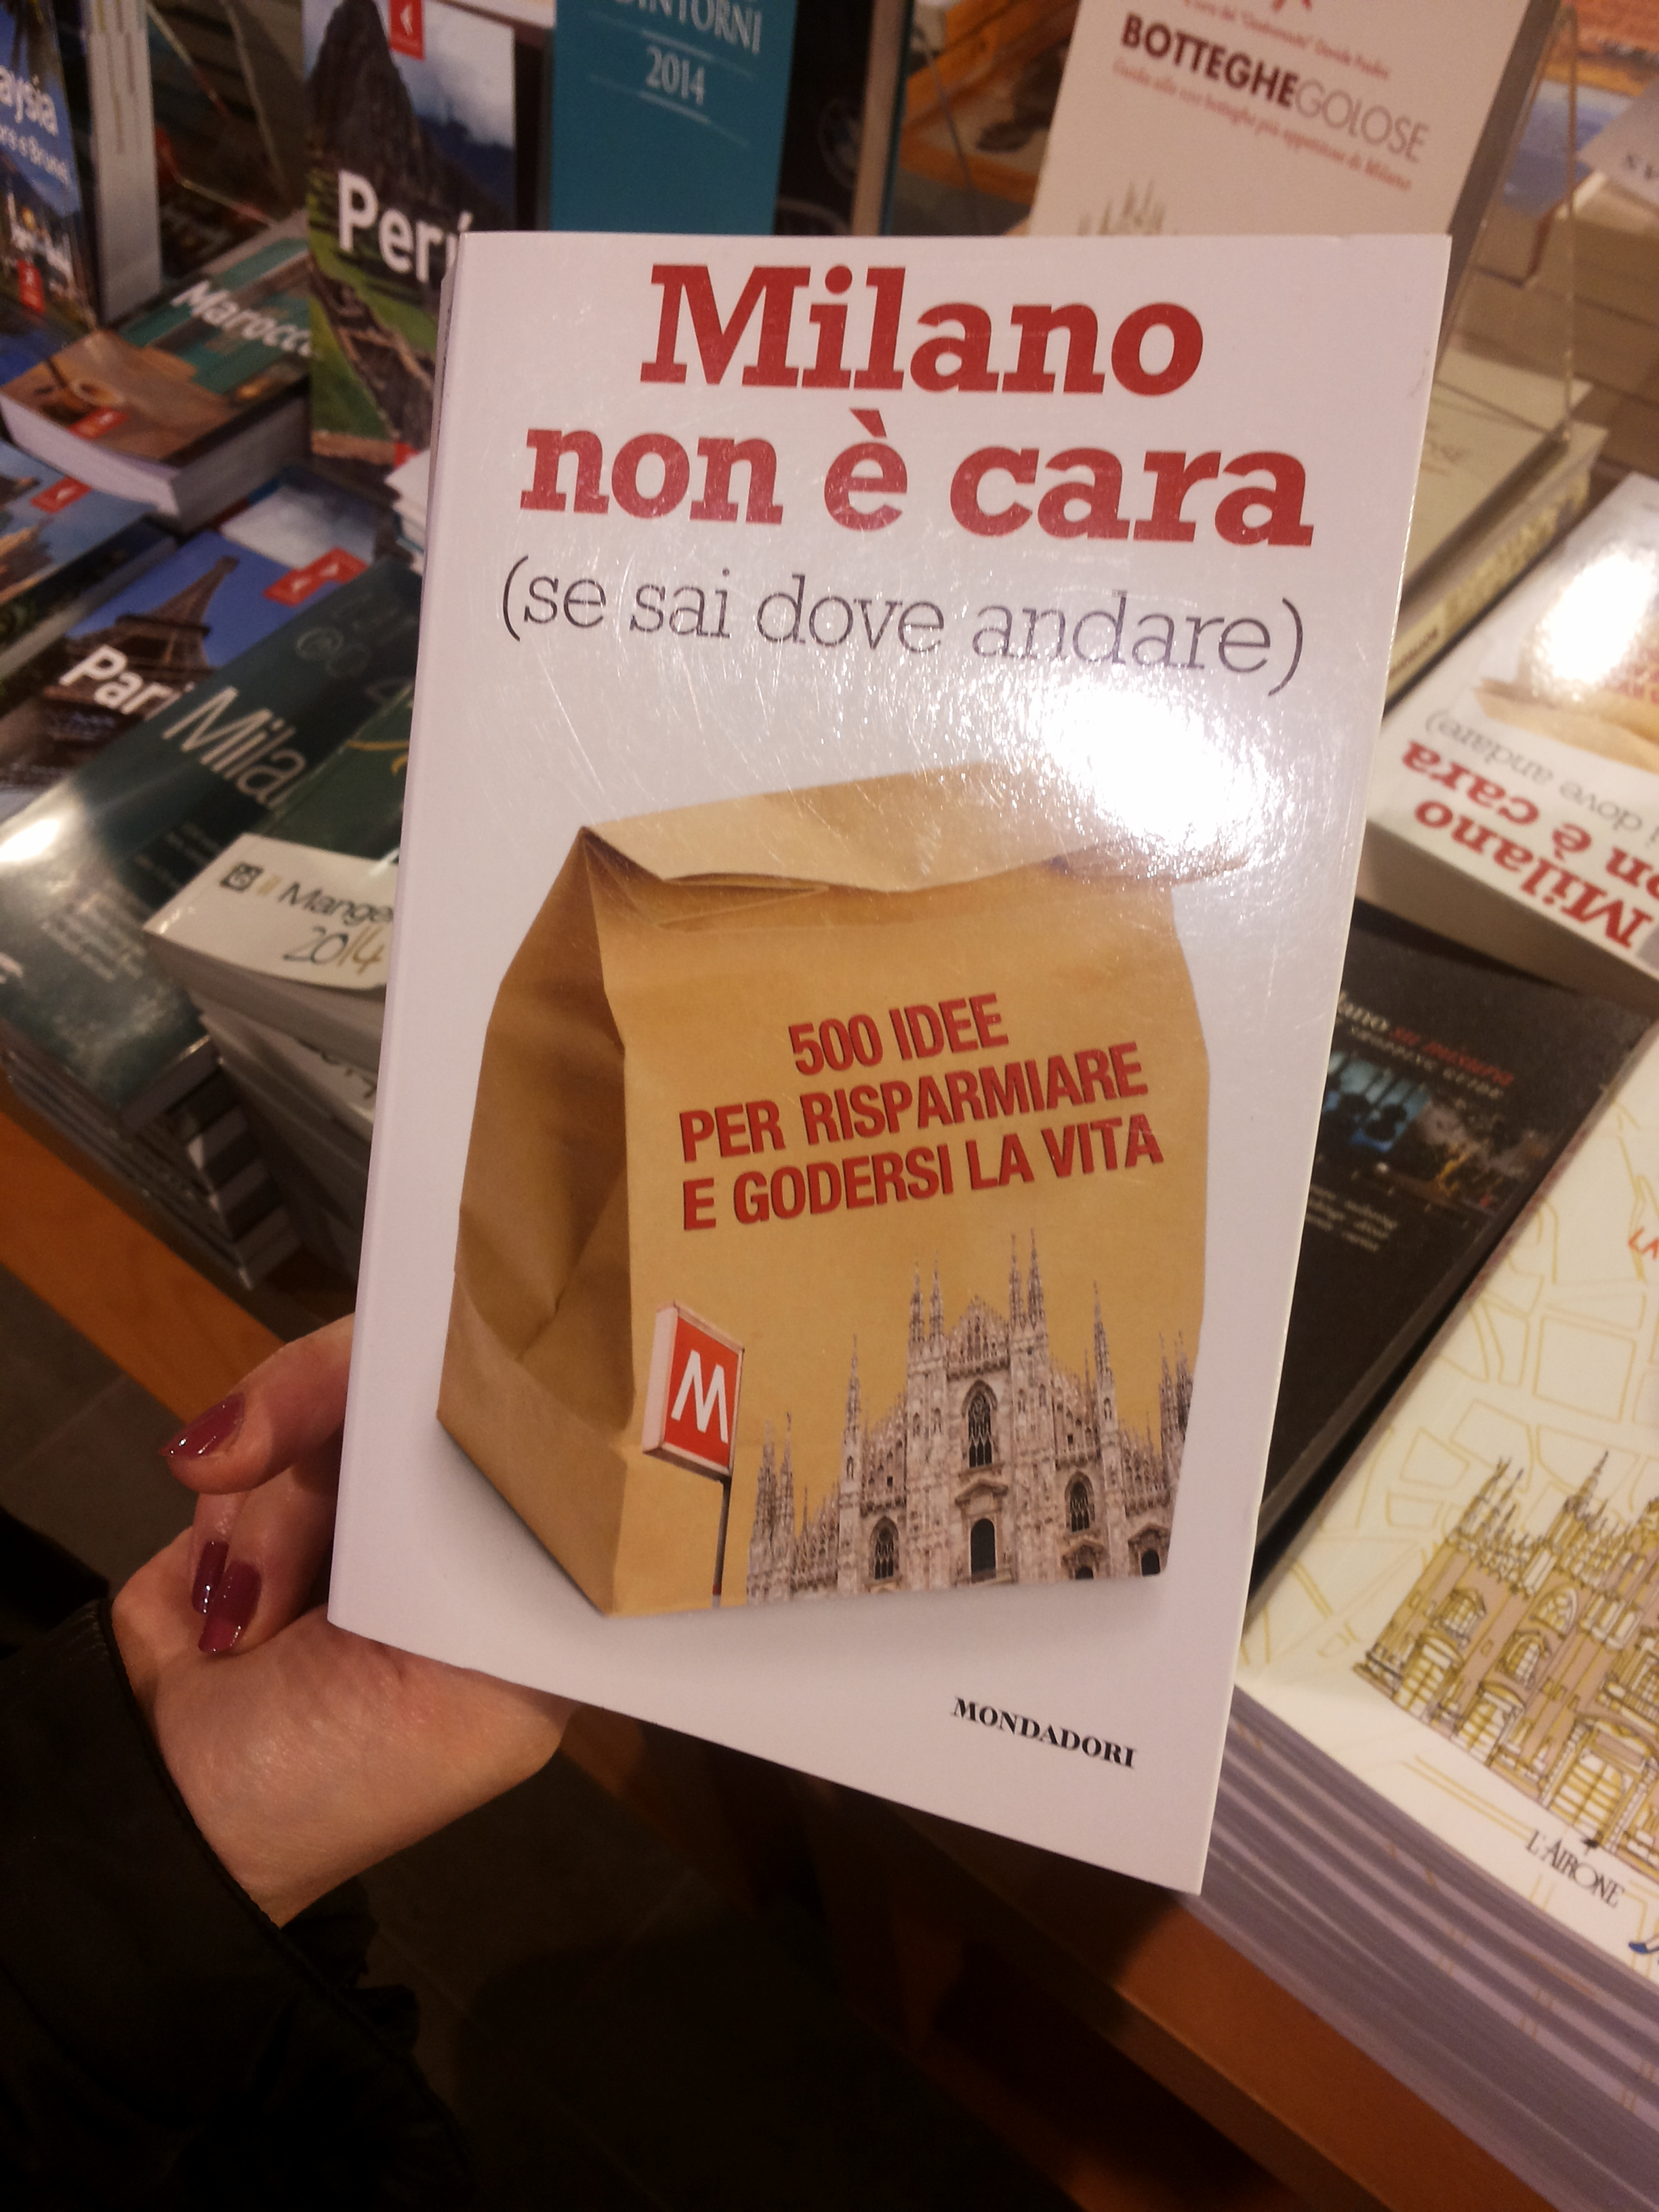 Milano coworking guida Mondadori